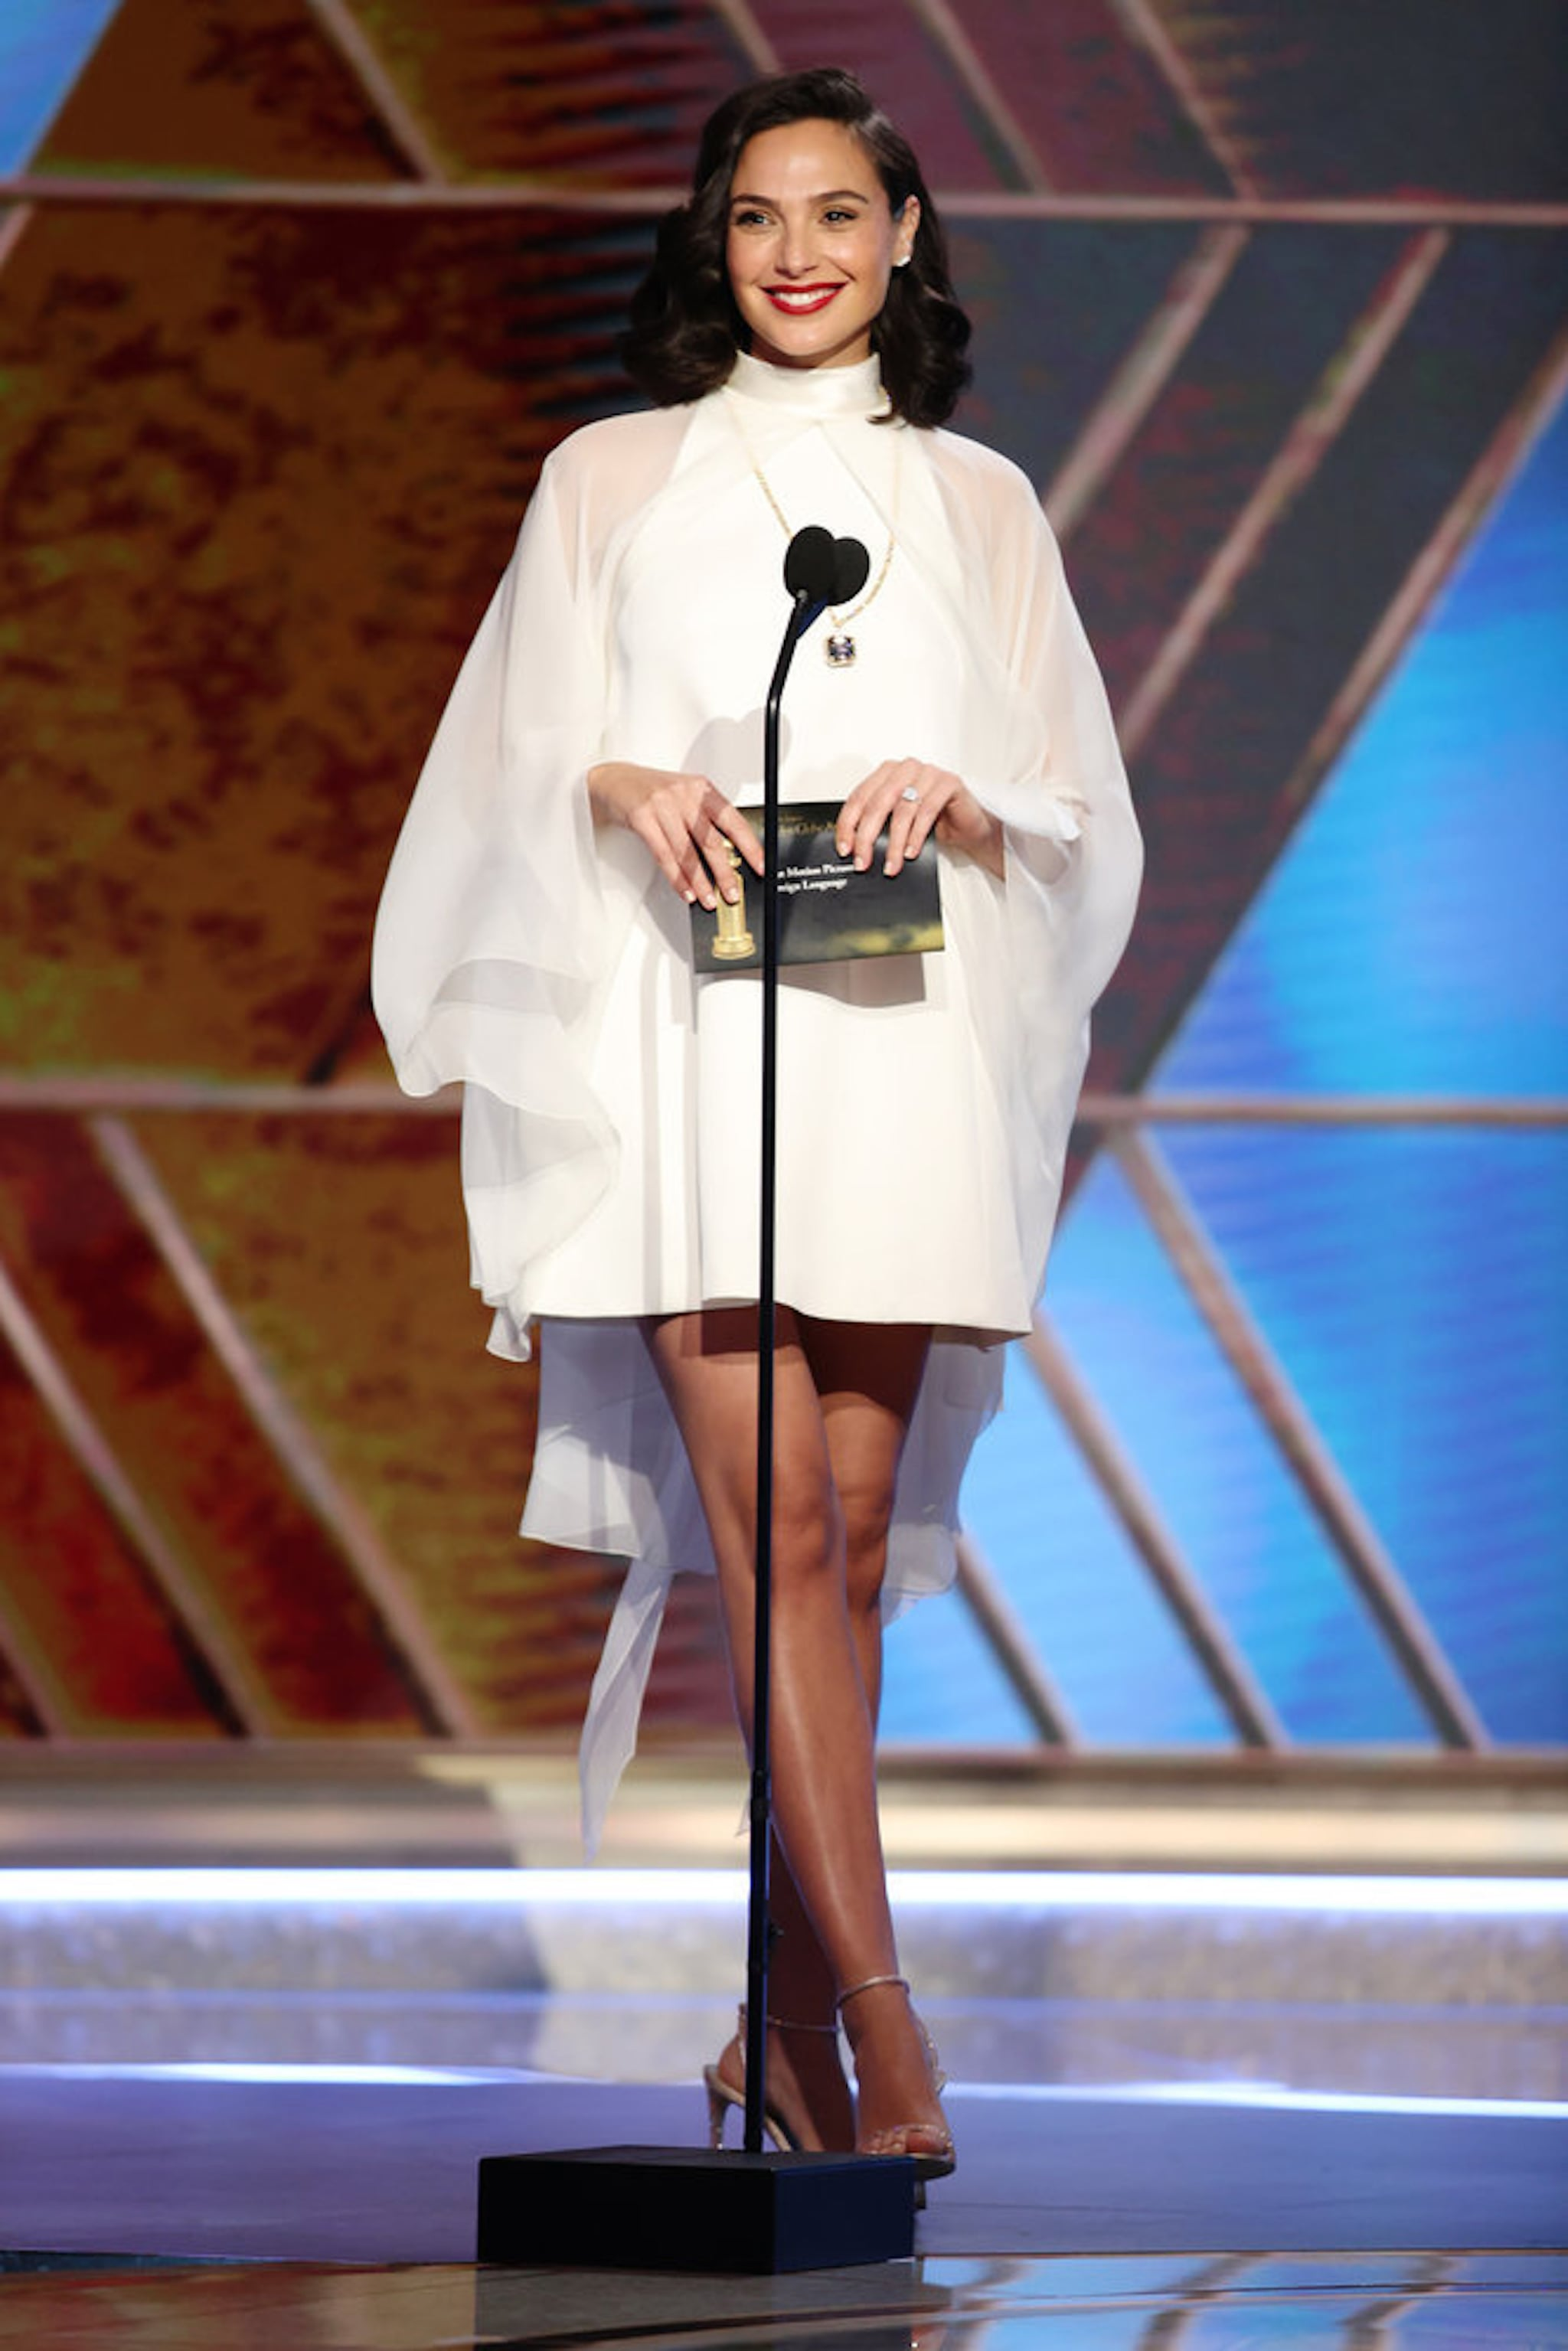 gal-gadot-golden-globes-2021-white-dress